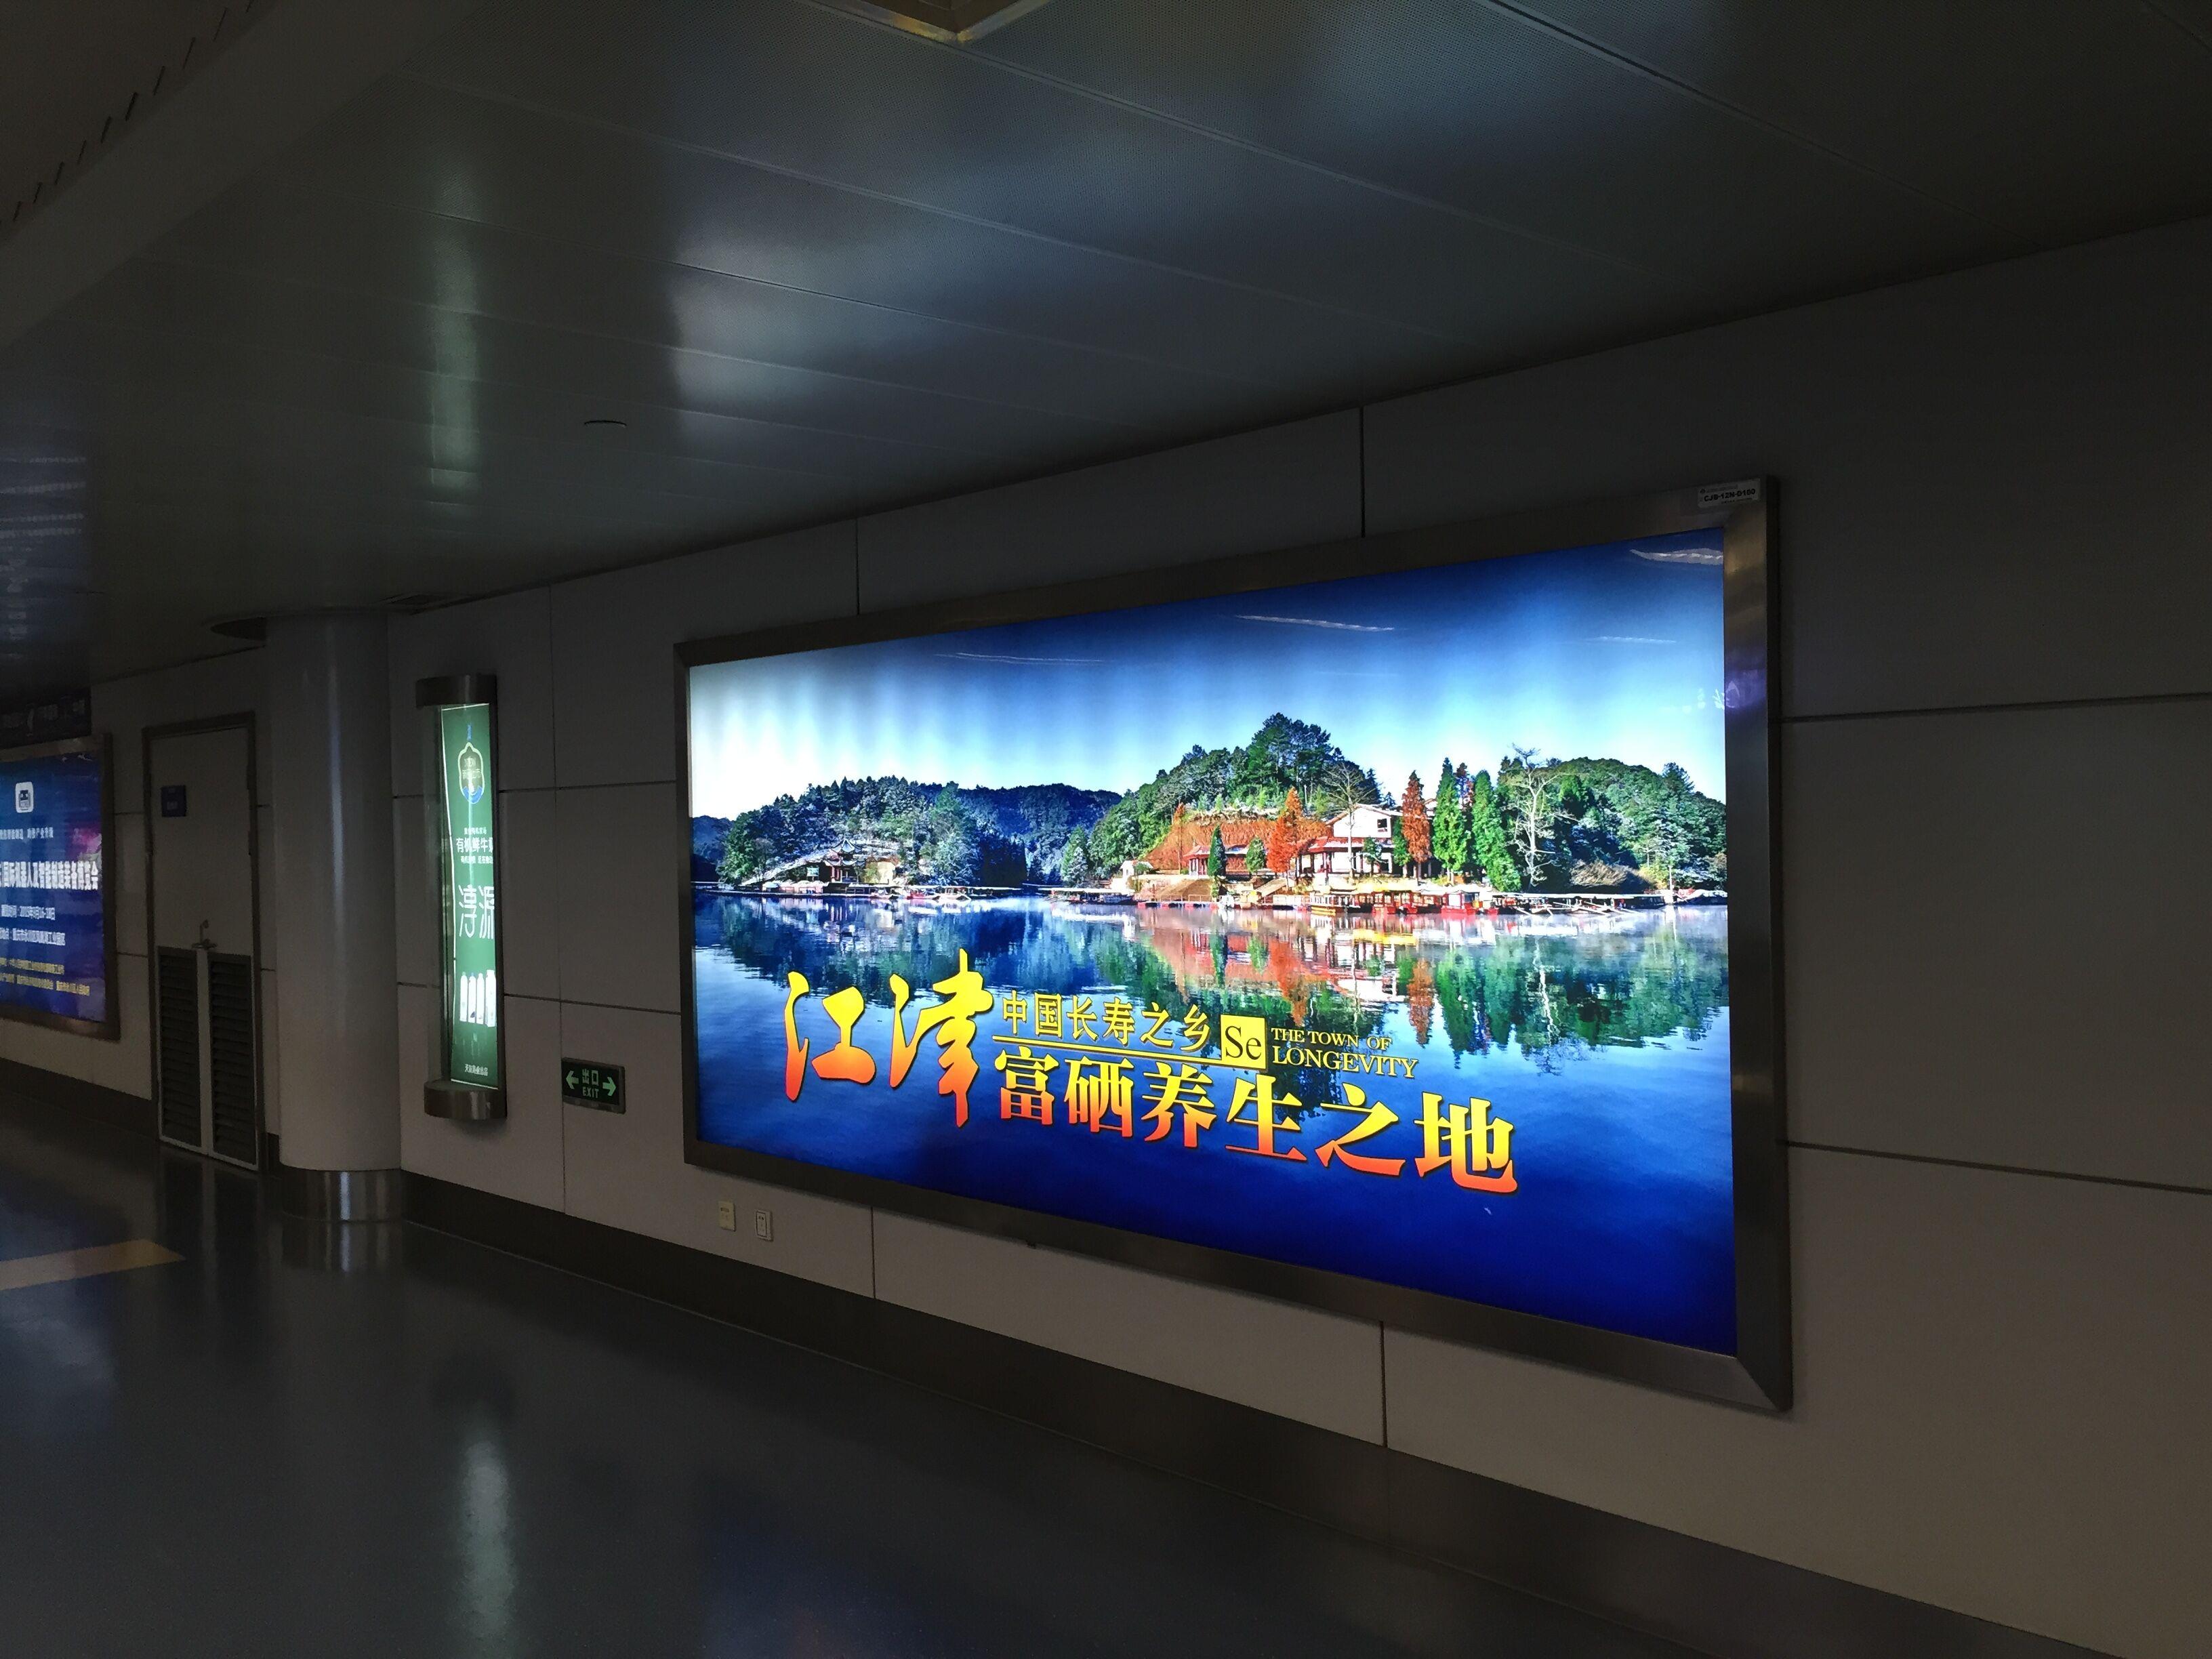 重庆机场到达通道广告牌